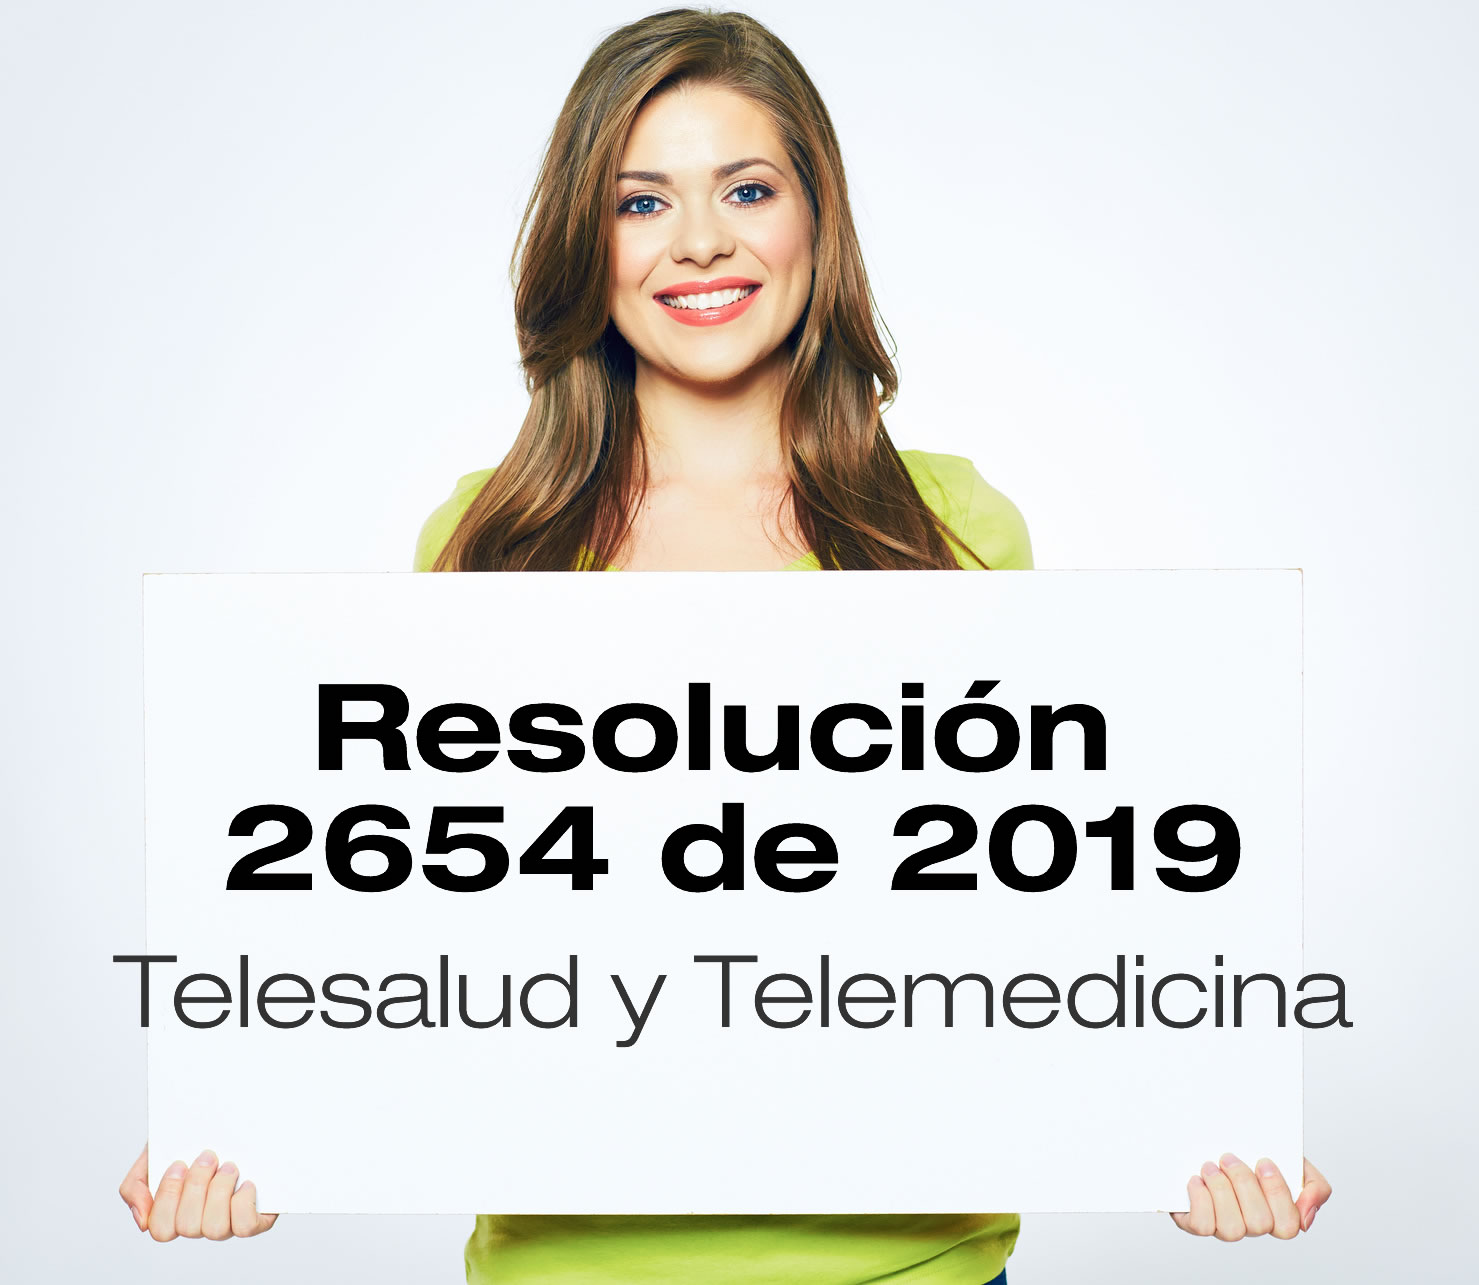 La Resolución 2654 de 2019 reglamenta la telemedicina en Colombia